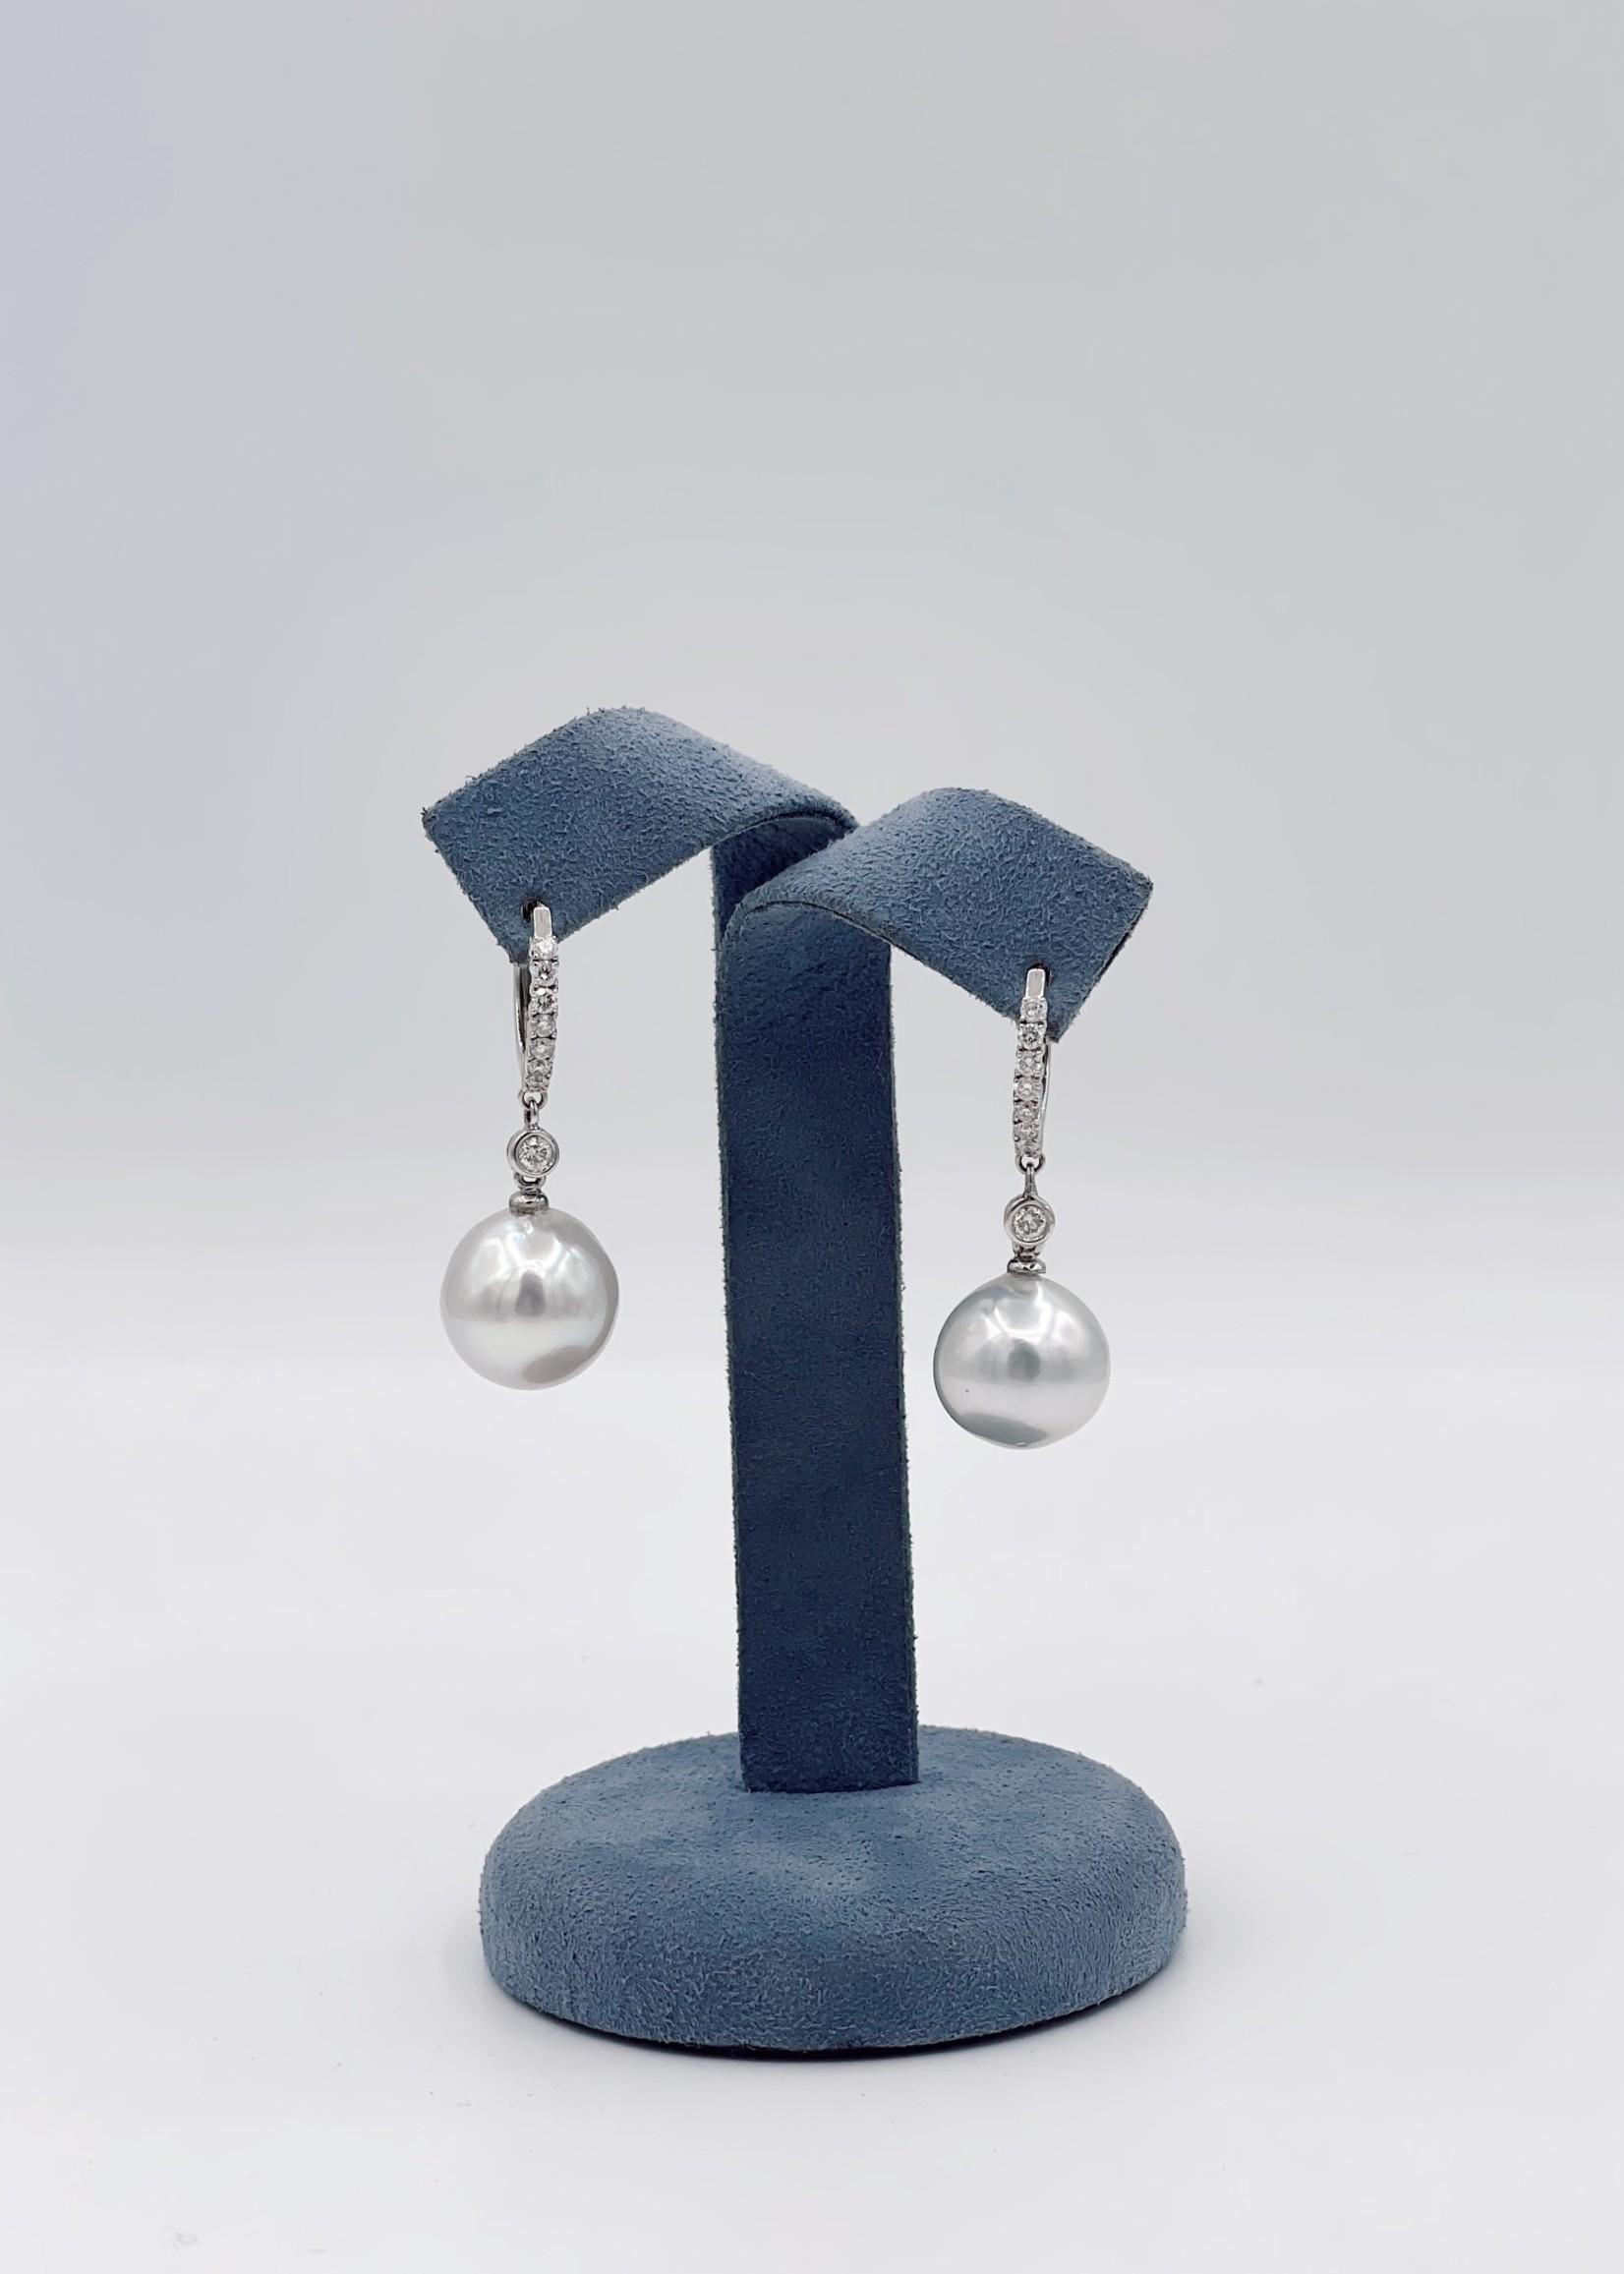 Jye International Memo Diamond Pearl Hoop Earrings 18k White